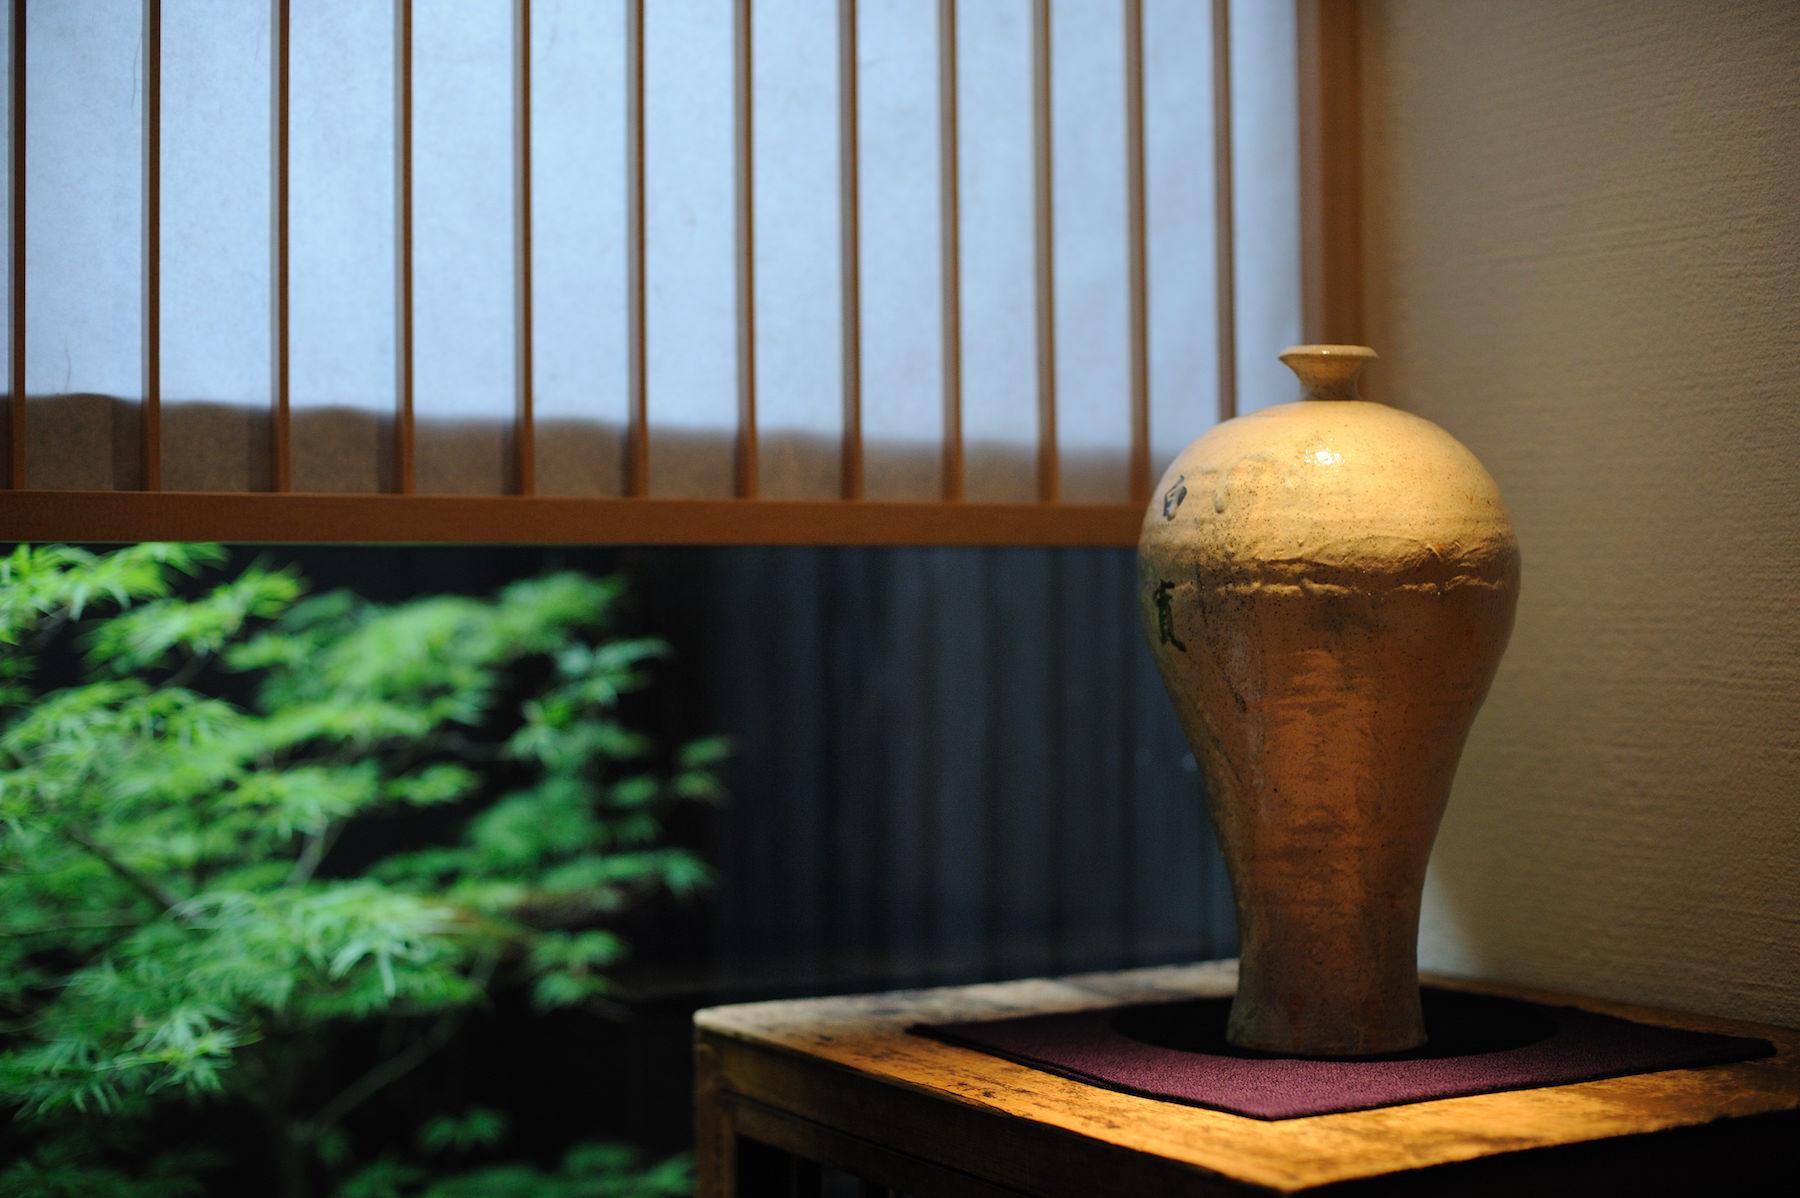 神楽坂 石かわの2枚目のカバー写真